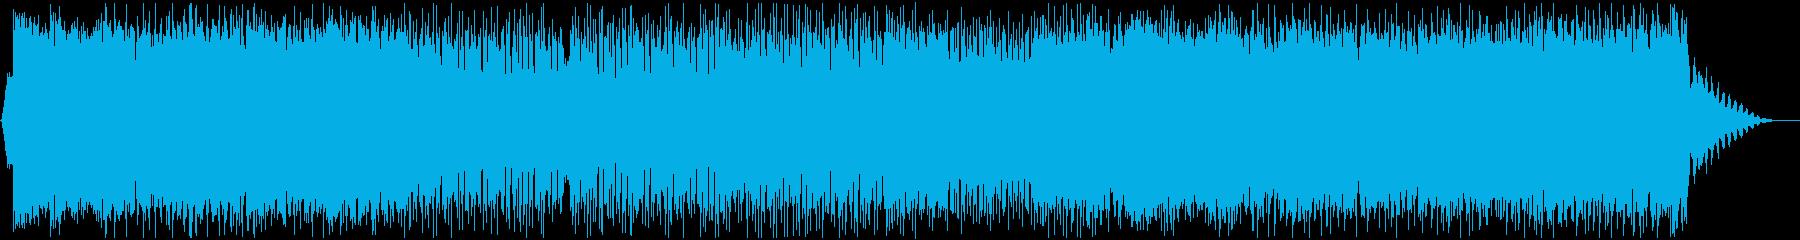 可愛らしいダンスポップ3 声有りの再生済みの波形